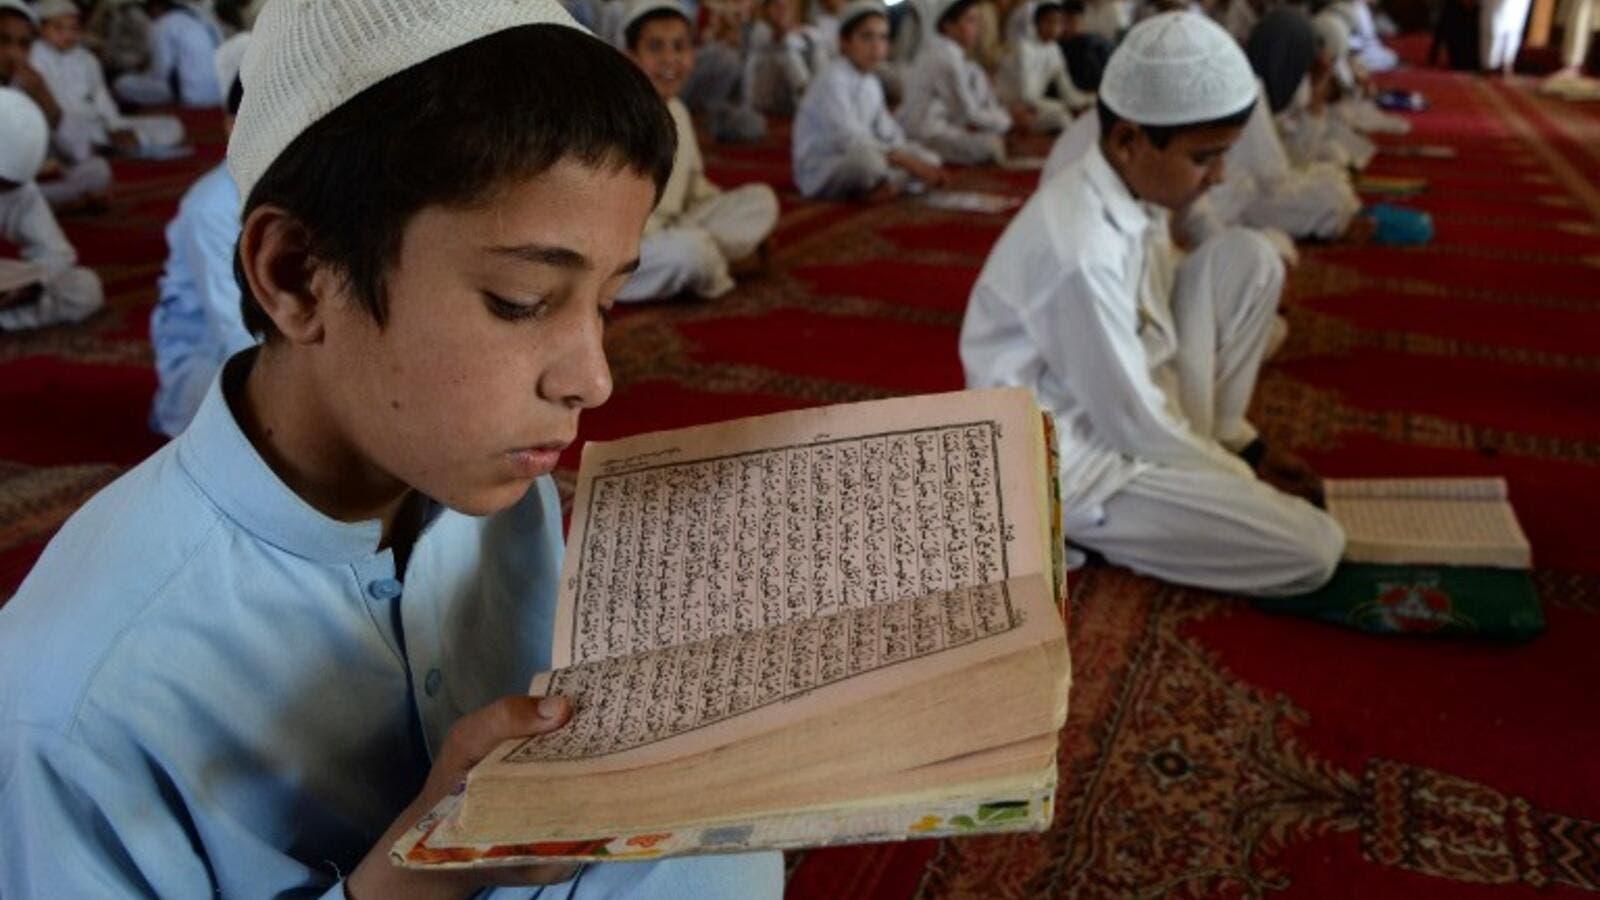 Muslims explain ramadan struggles through memes